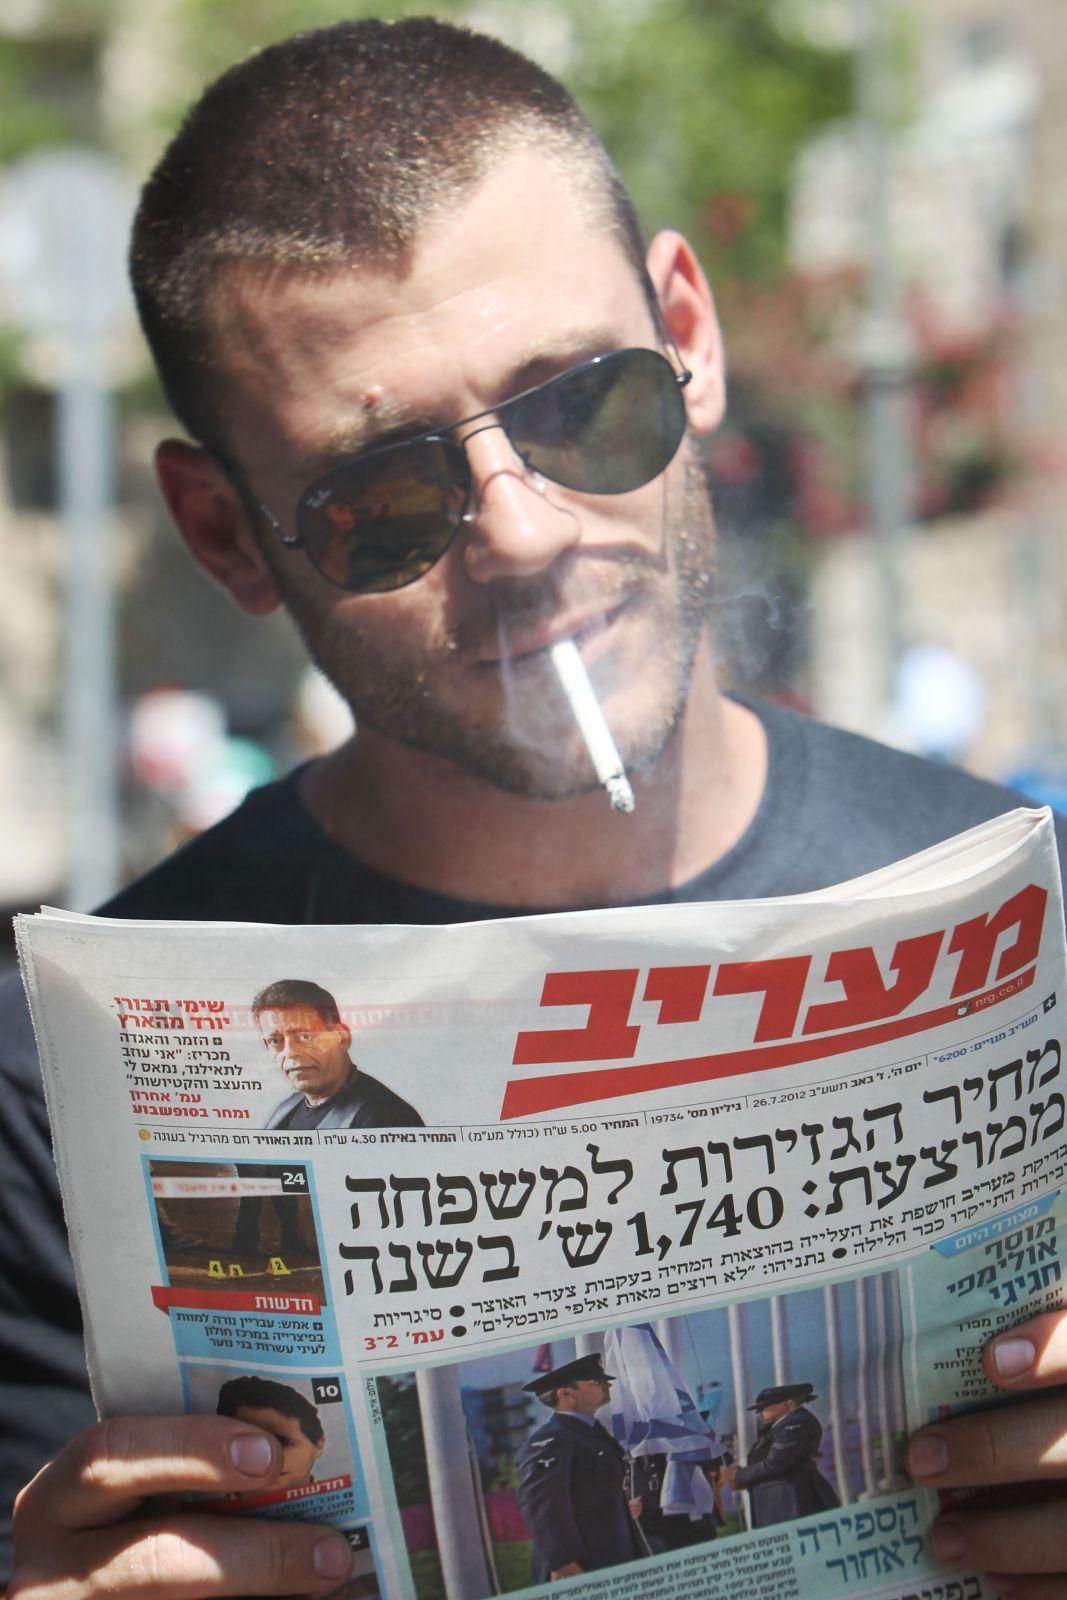 """ישראלי מעיין בגליון """"מעריב"""" מה-26 ביולי 2012, שכותרתו הראשית מדווחת בין היתר על העלאת המס על סיגריות (צילום: מרים אלסטר)"""